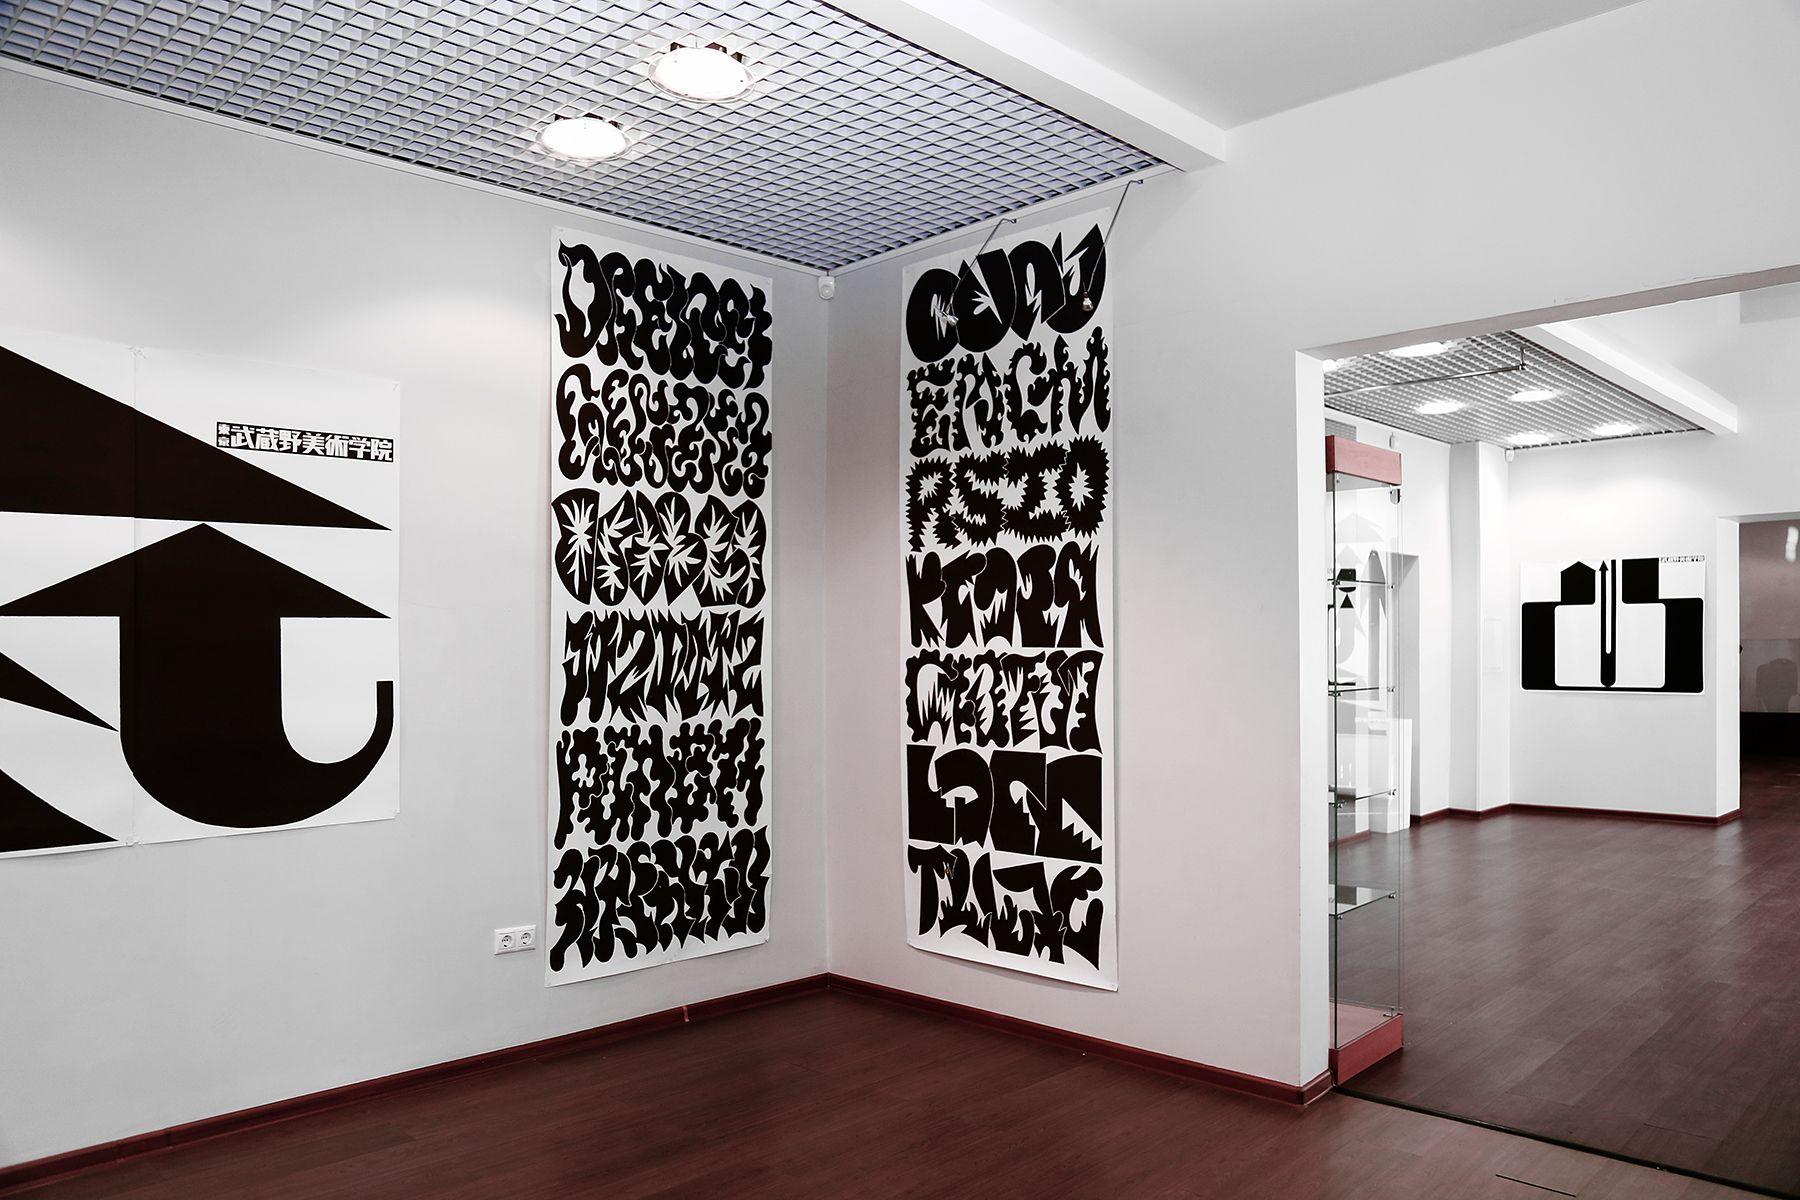 Выставка «Between black&white» в Музее ВГУЭС: графика японского дизайнера Кобаяси Икки